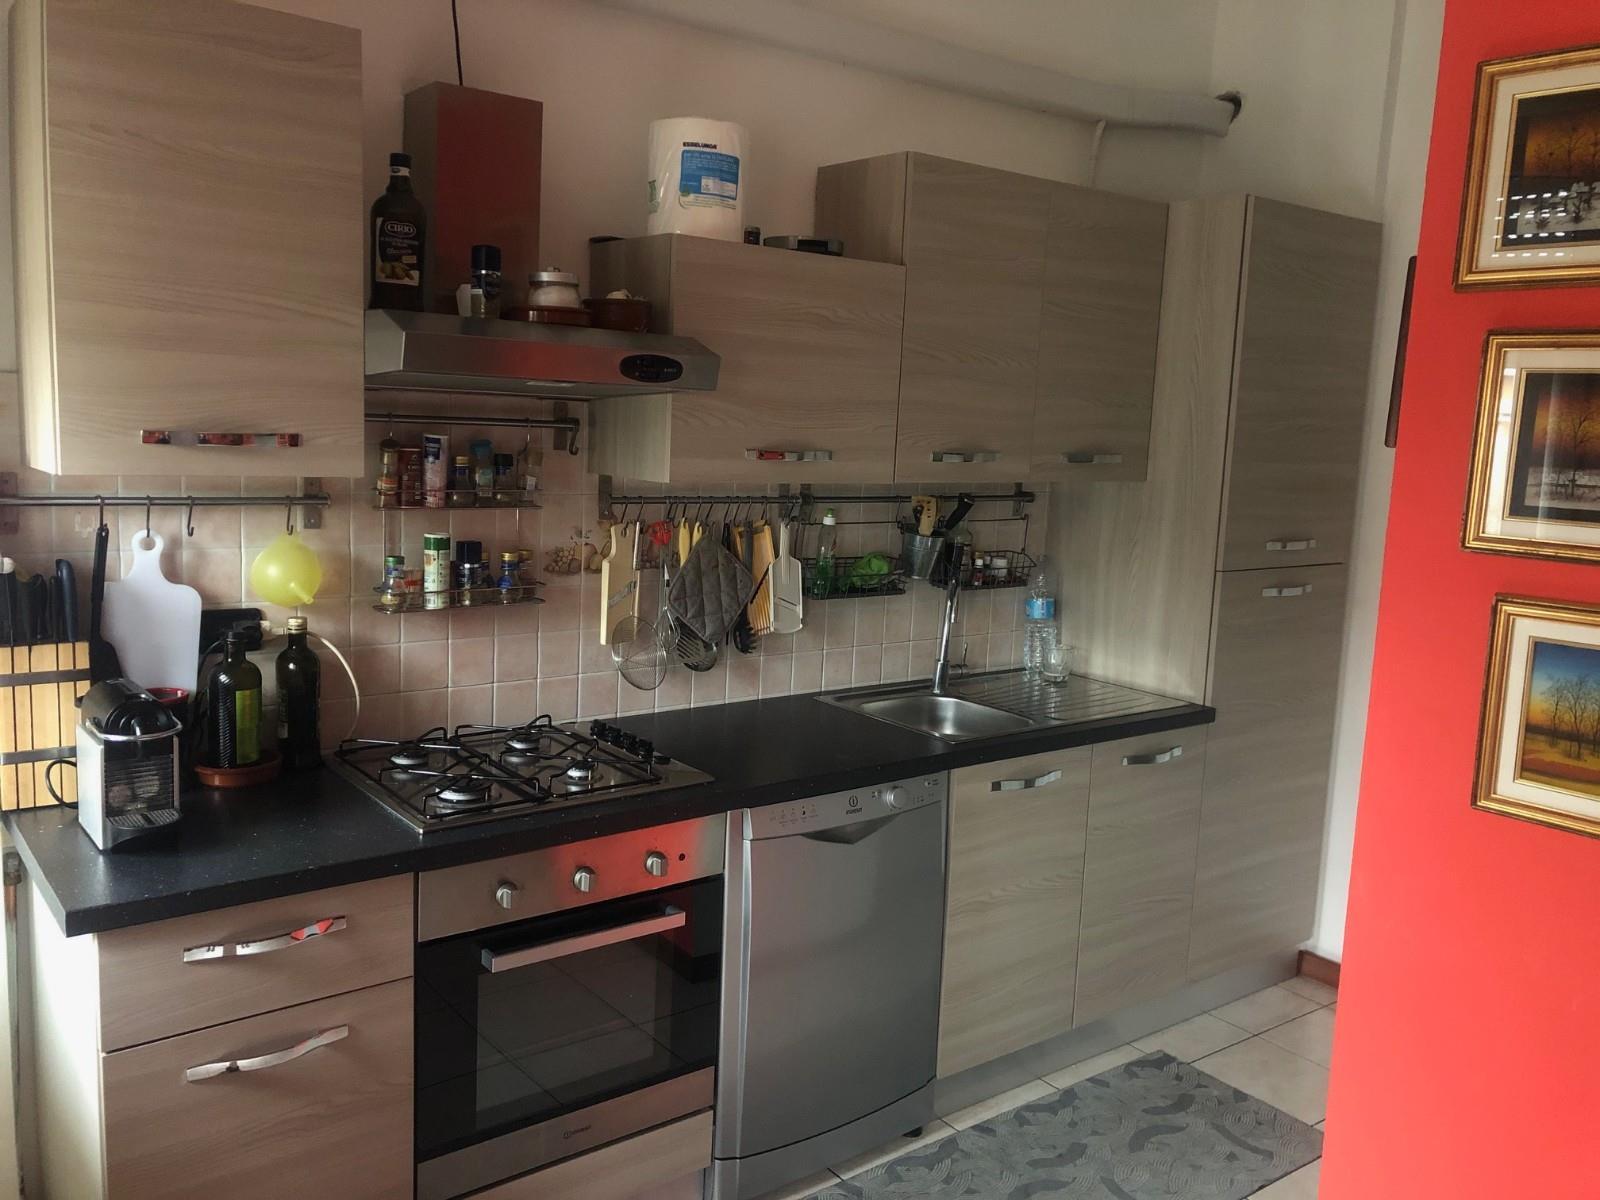 Foto 1 - Appartamento in Vendita - Lissone (Monza e Brianza)